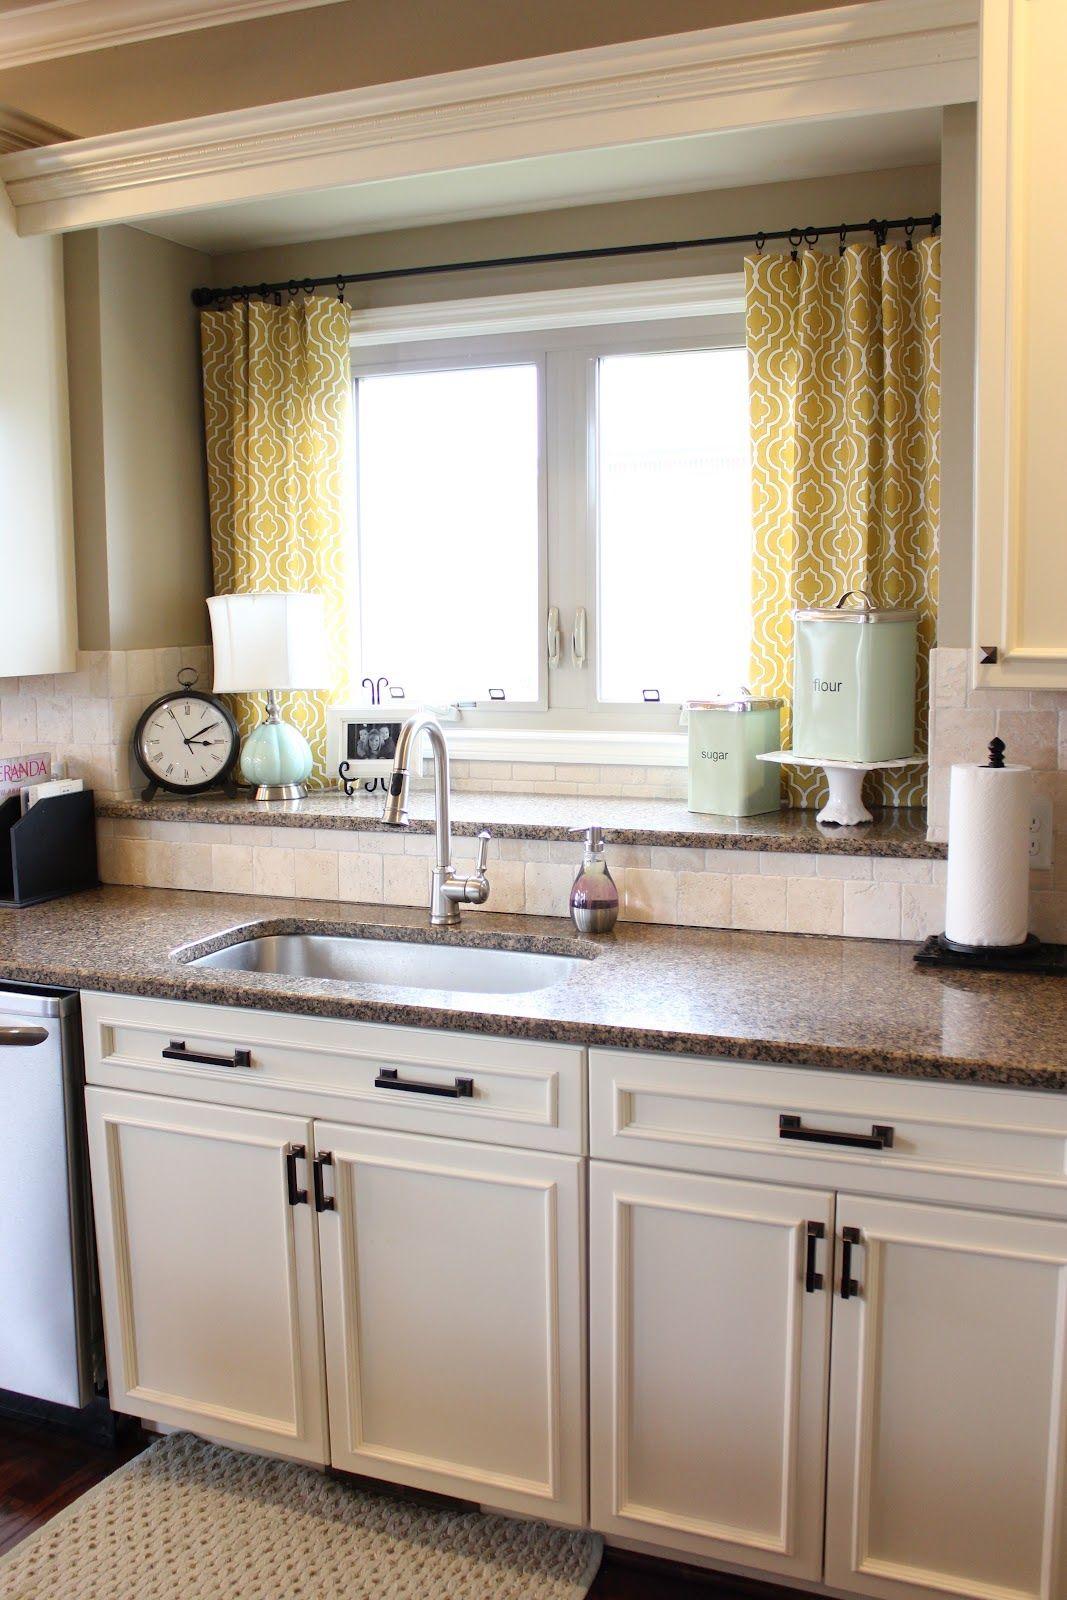 Img 9577 Jpg 1 067 1 600 Pixels Home Decor Kitchen Home Kitchens Kitchen Remodel